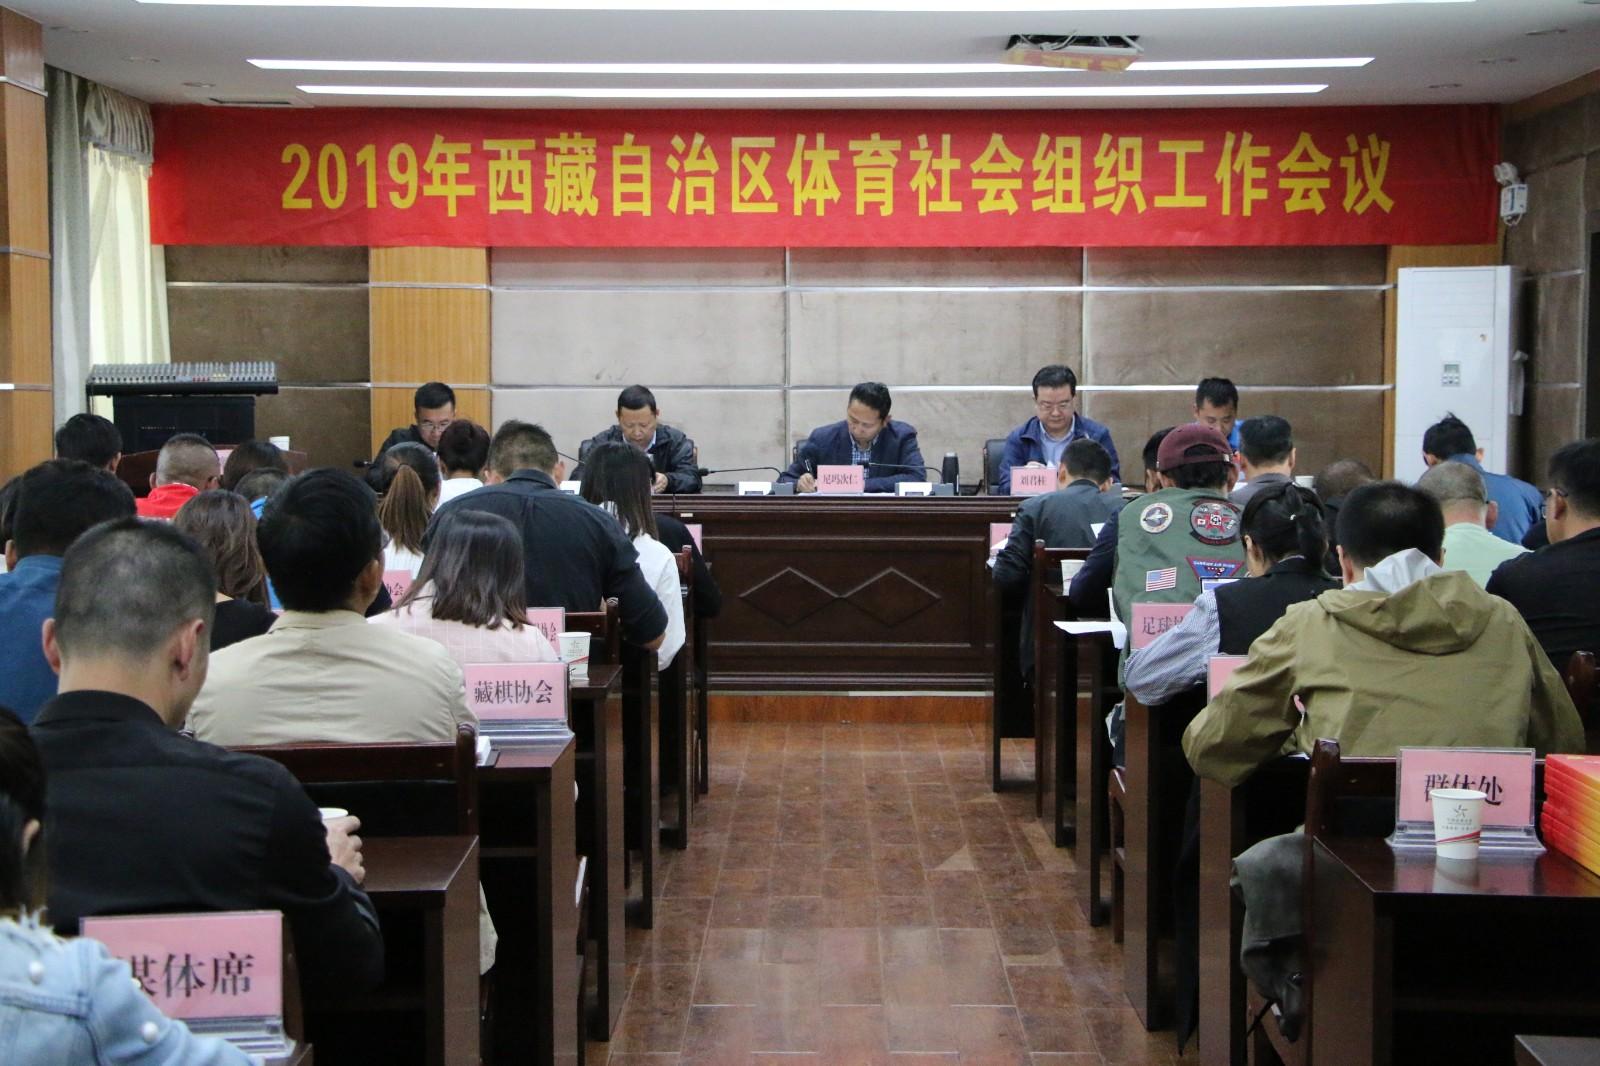 西藏自治区召开2019年体育社会组织工作会议